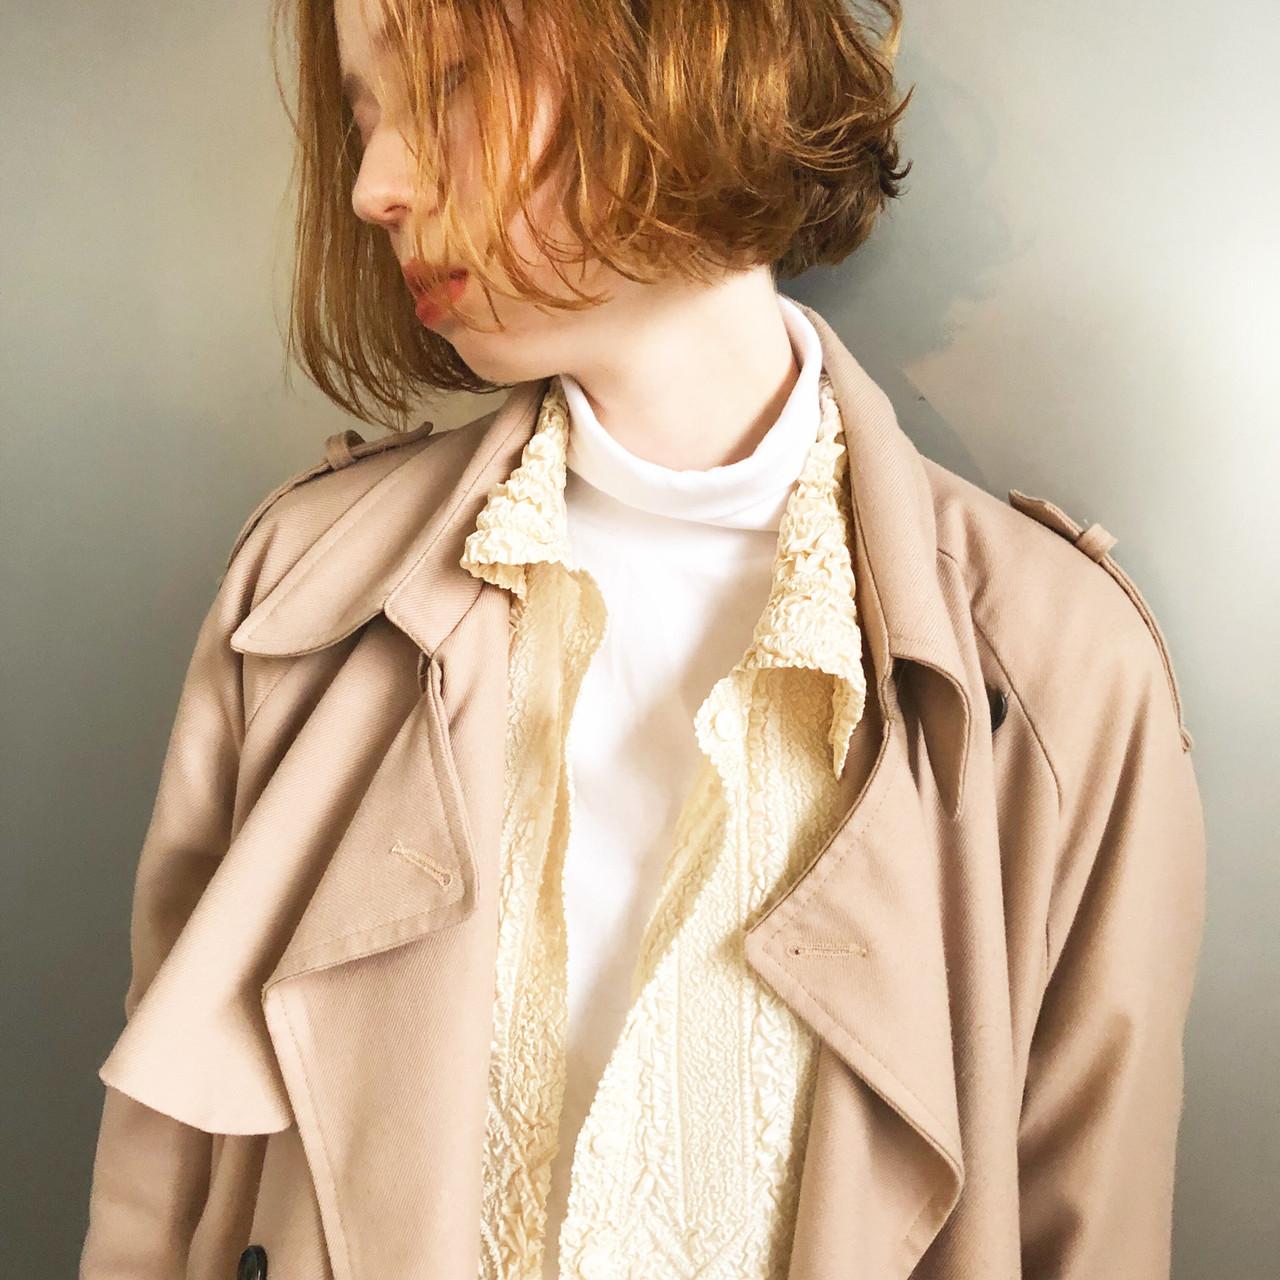 ダブルブリーチ ナチュラル ベージュ ナチュラルベージュ ヘアスタイルや髪型の写真・画像 | Suguru Komuro / Quown'   ( クオン )